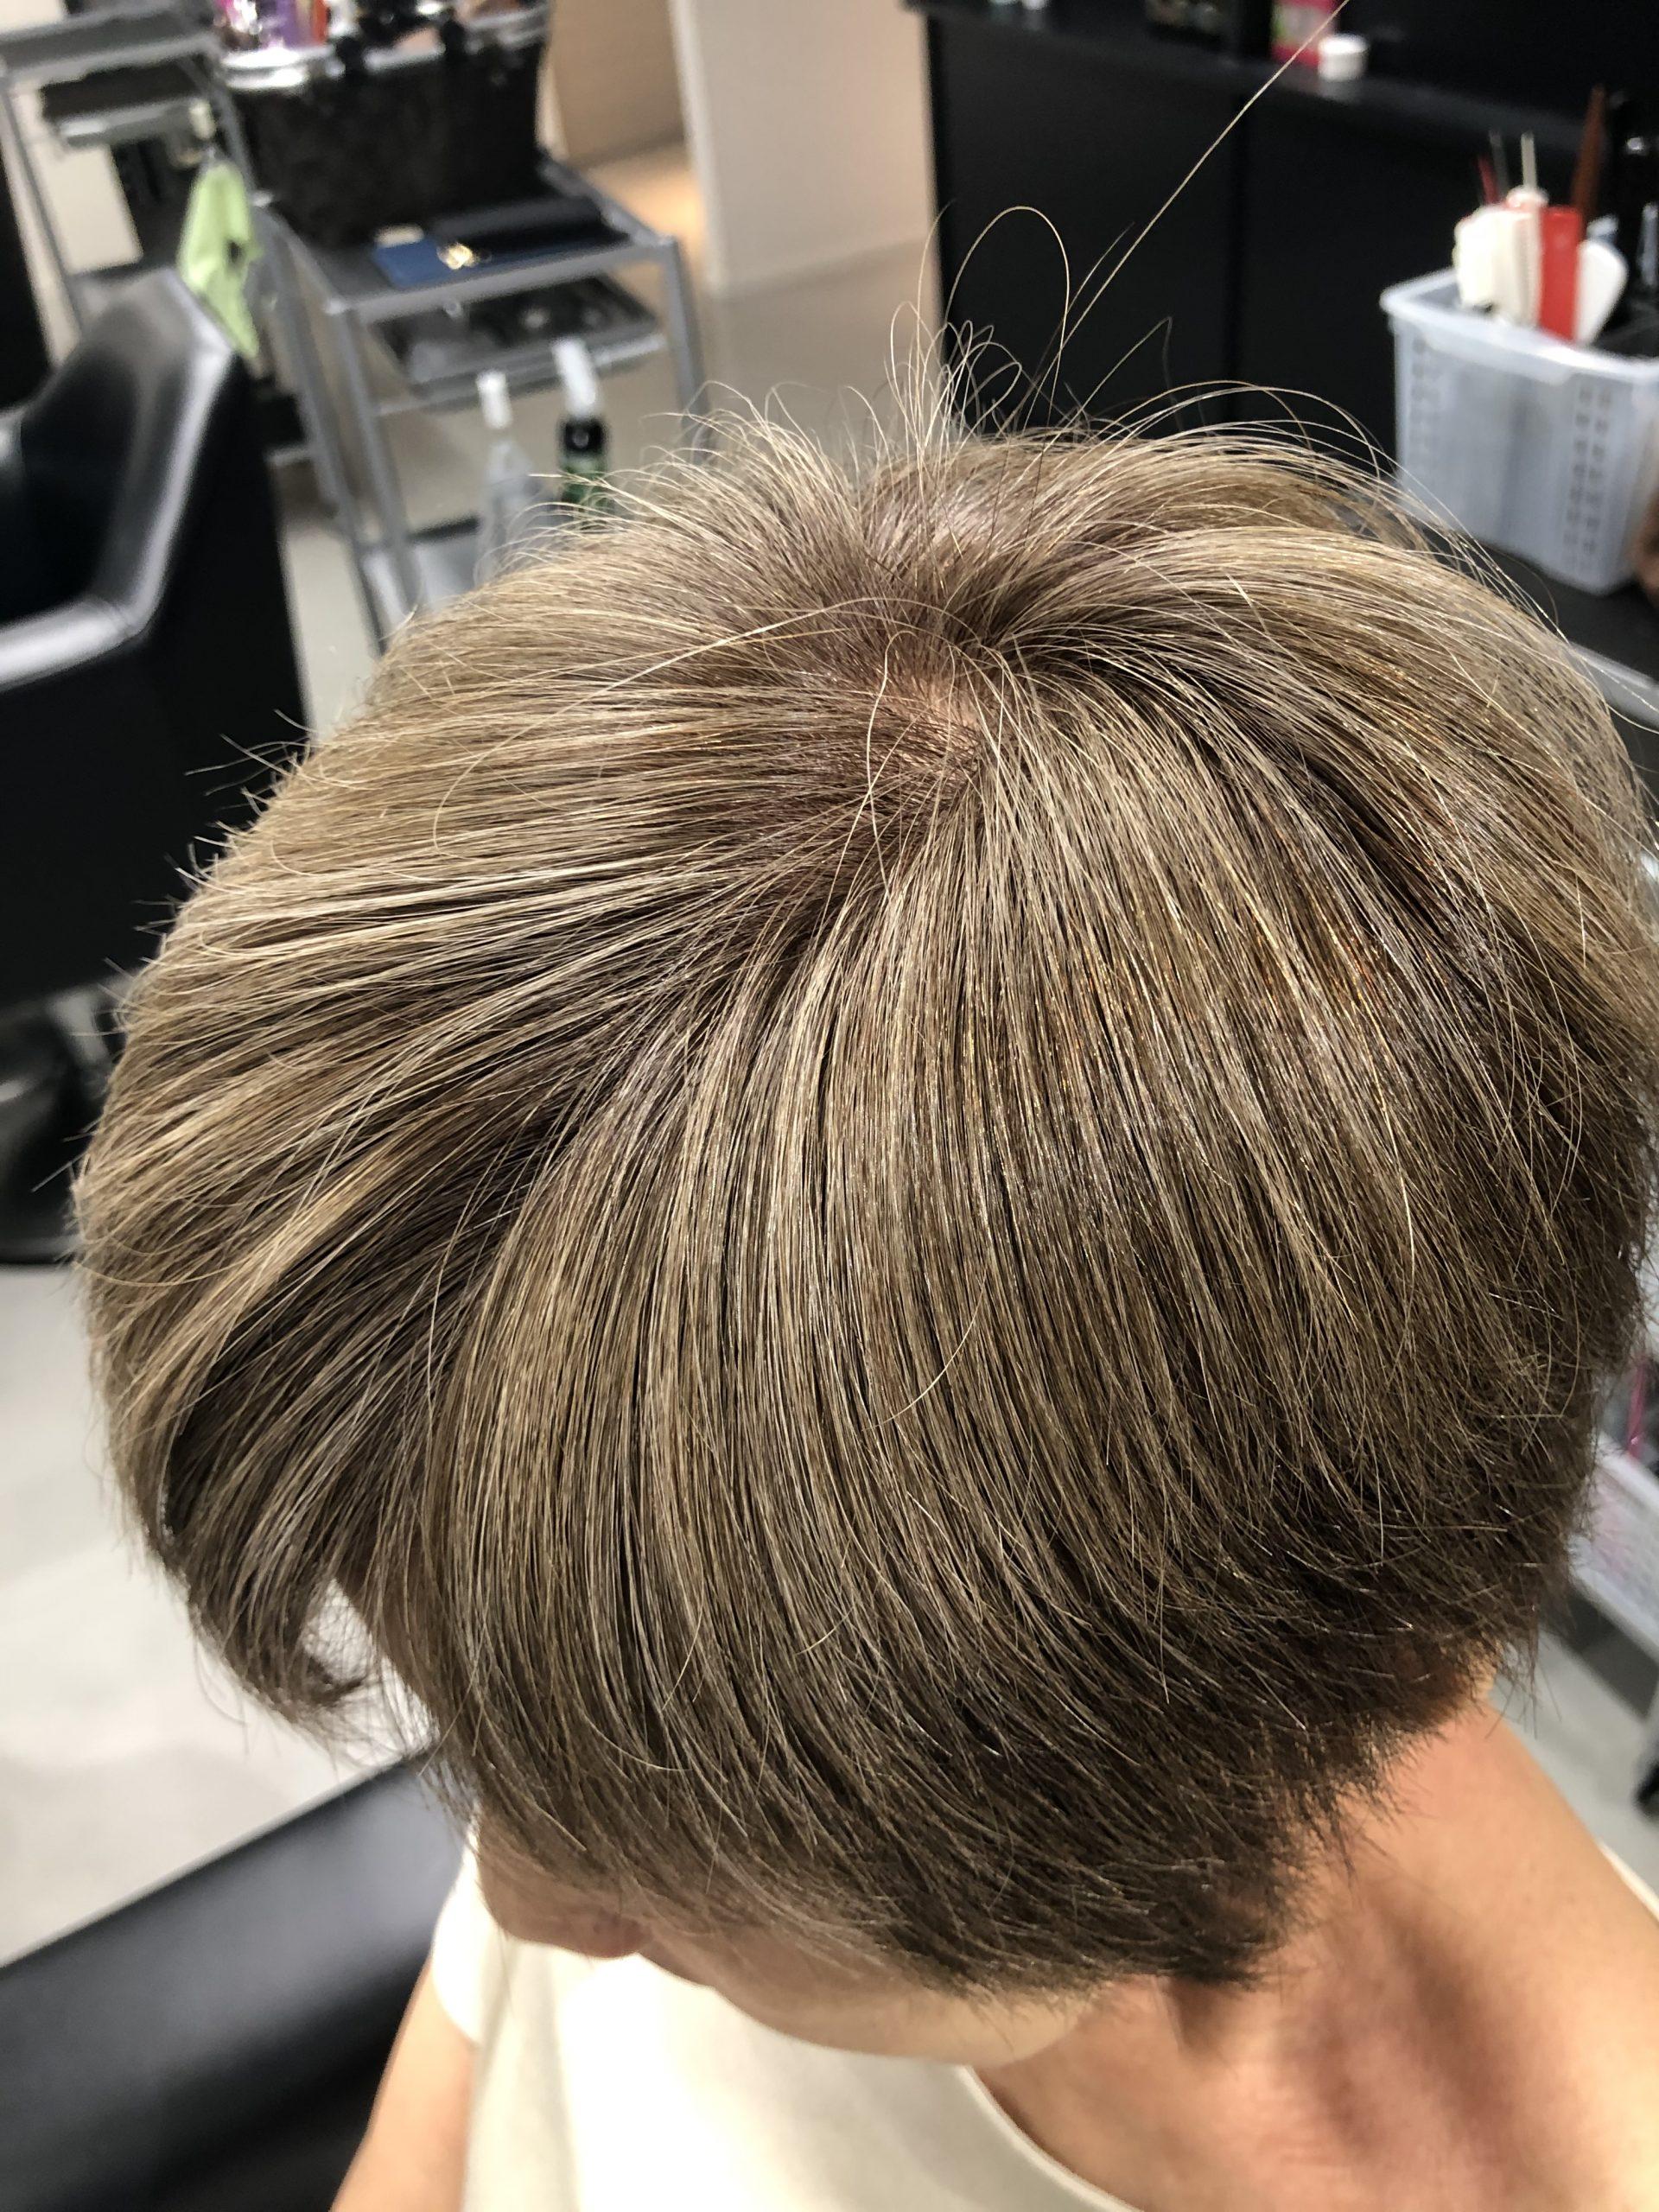 【ティントバーで白髪】ヒロインベージュ+メルティブラウンのみで白髪染めしたらどのように染まるのか?!